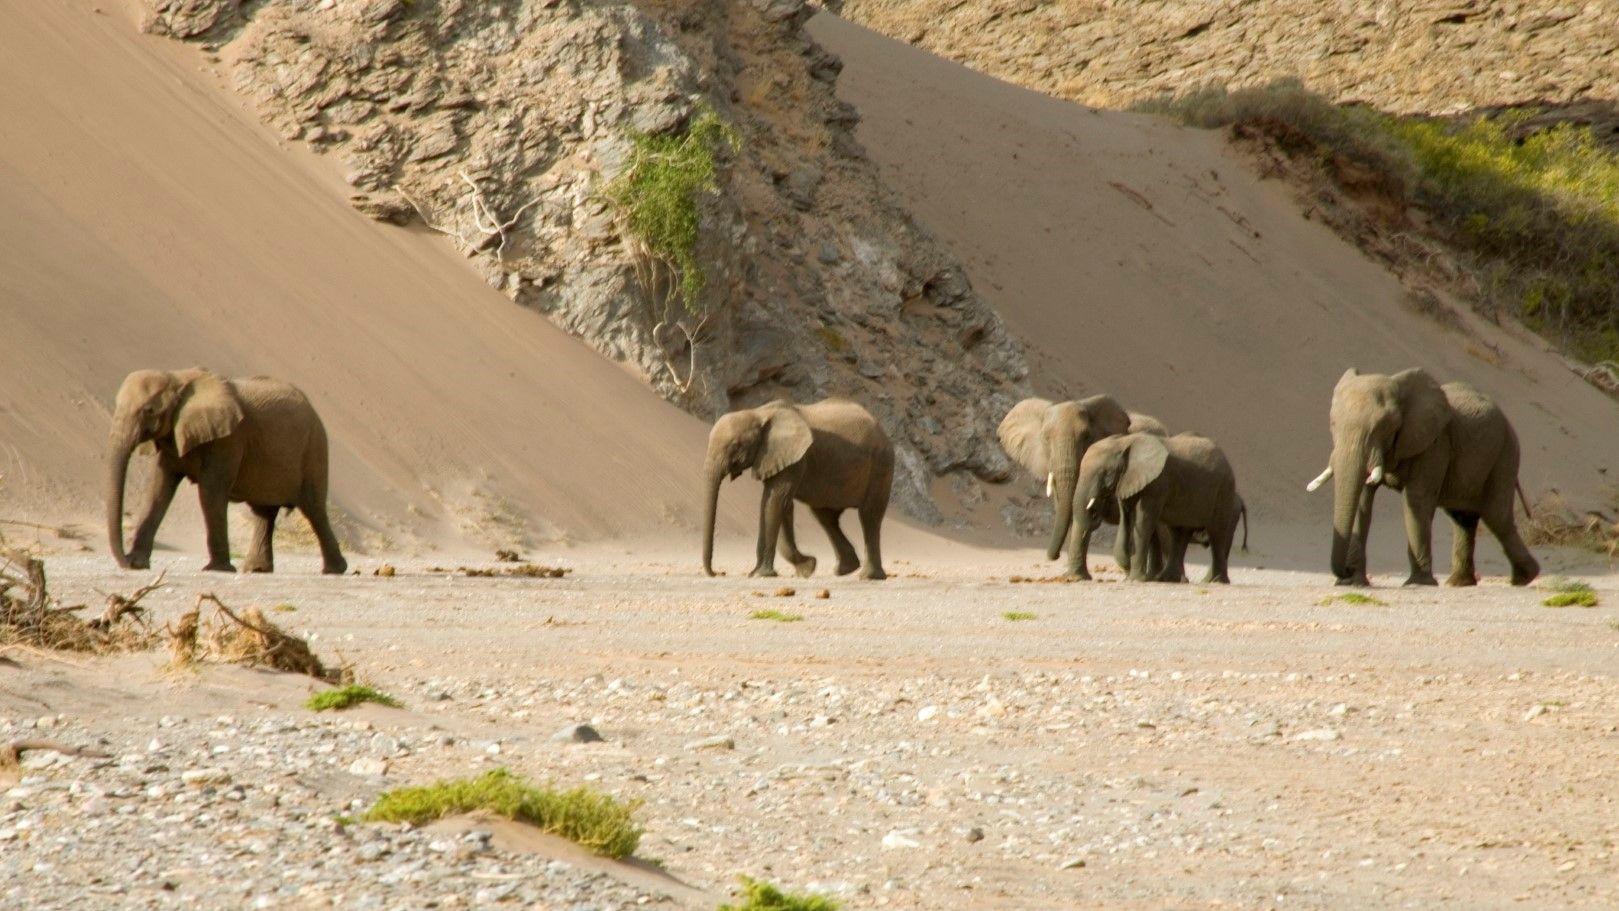 Слонове, зебри, лъвове и други животни са се адаптирали към тежките условия на Брега на скелетите